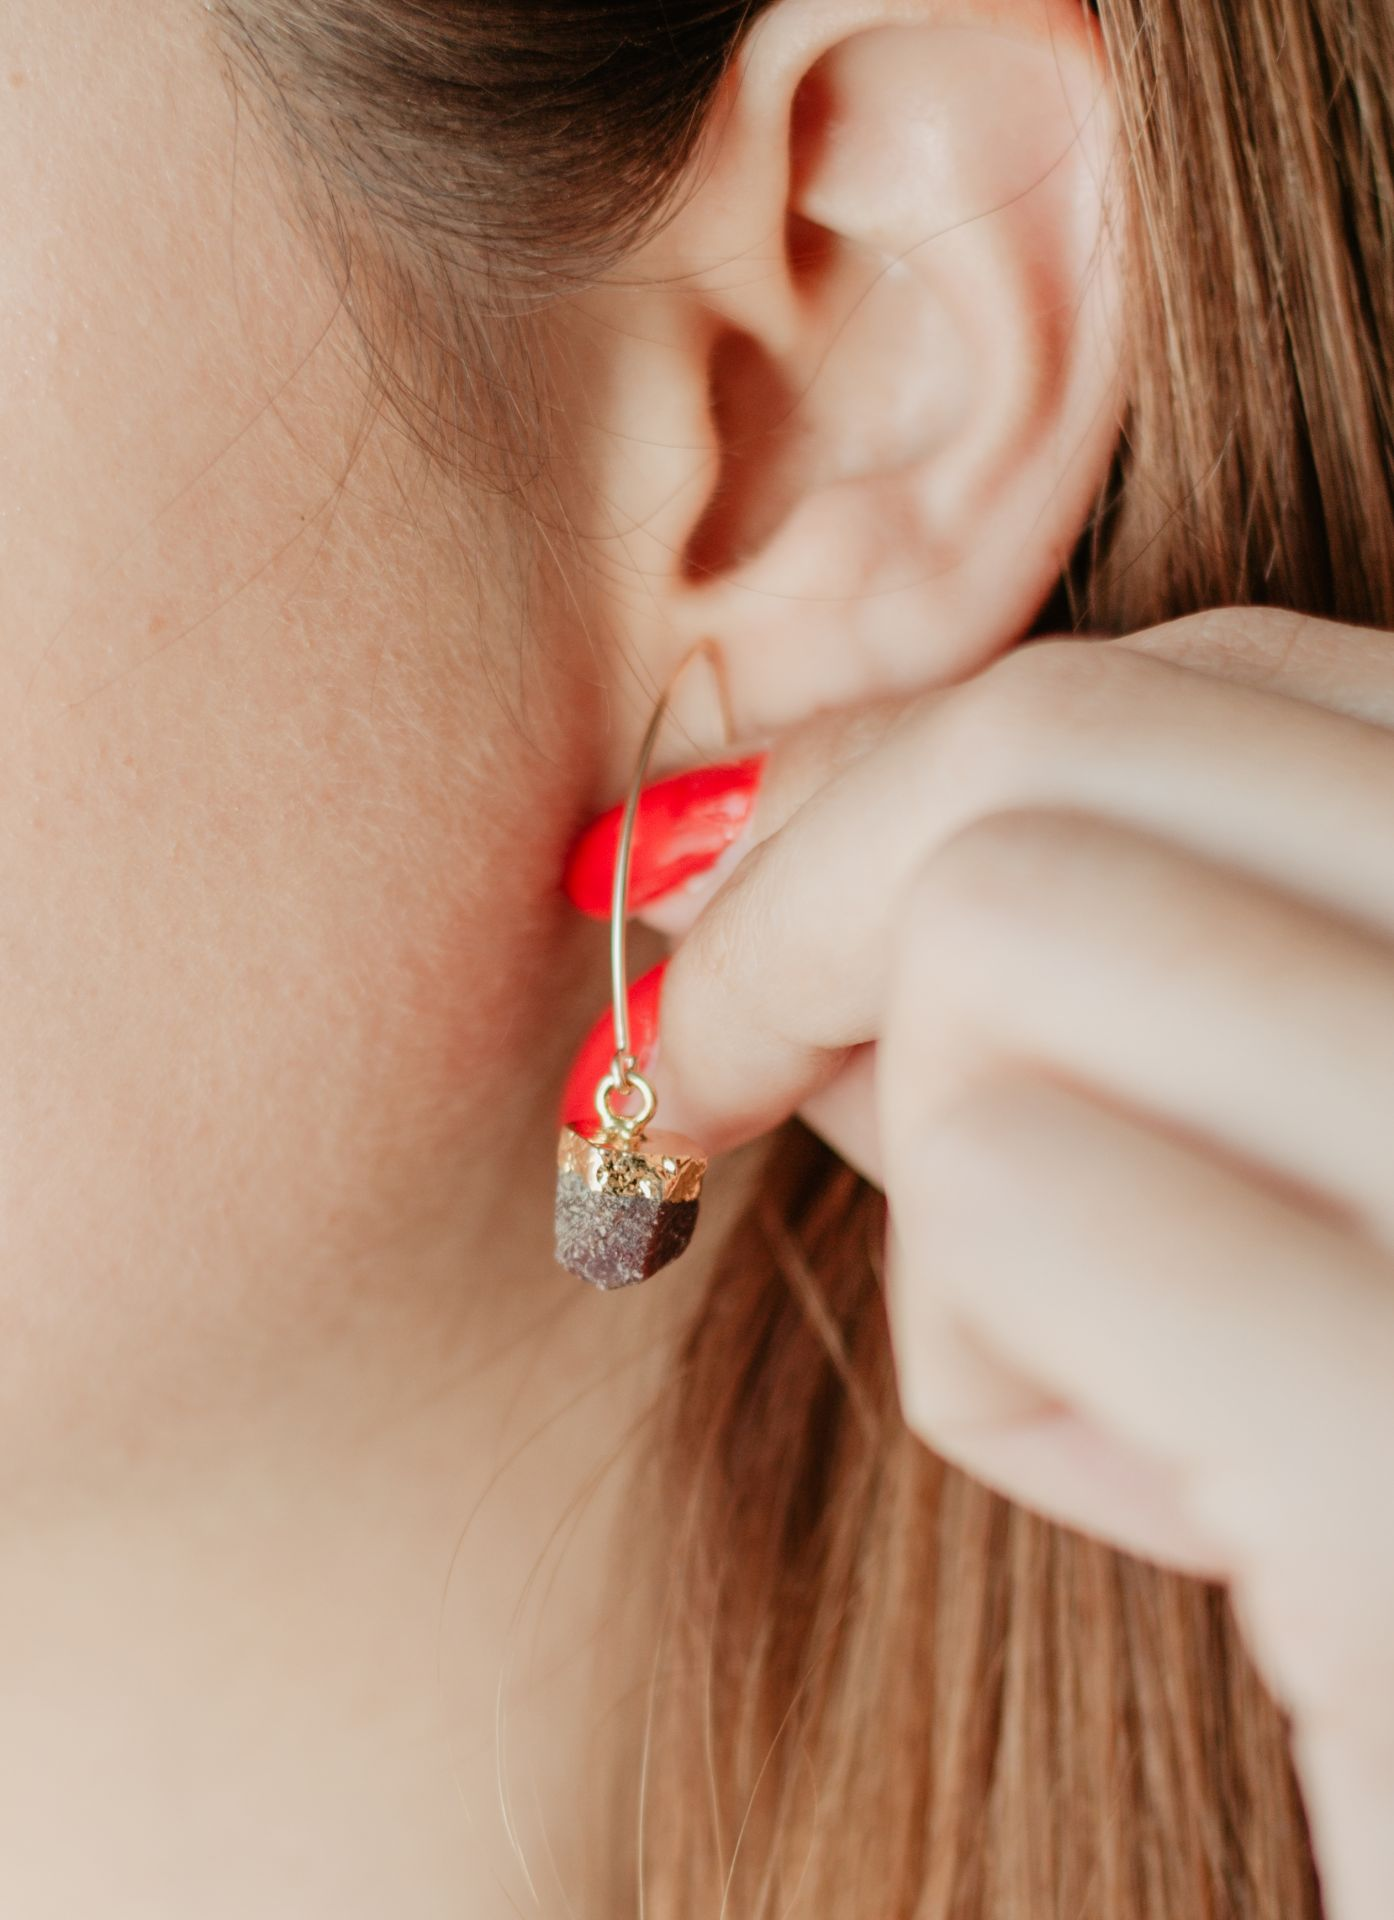 DECADORN Visací náušnice s narozeninovým kamenem Birthstone Červenec - rubín, zlatá barva, kov, kámen